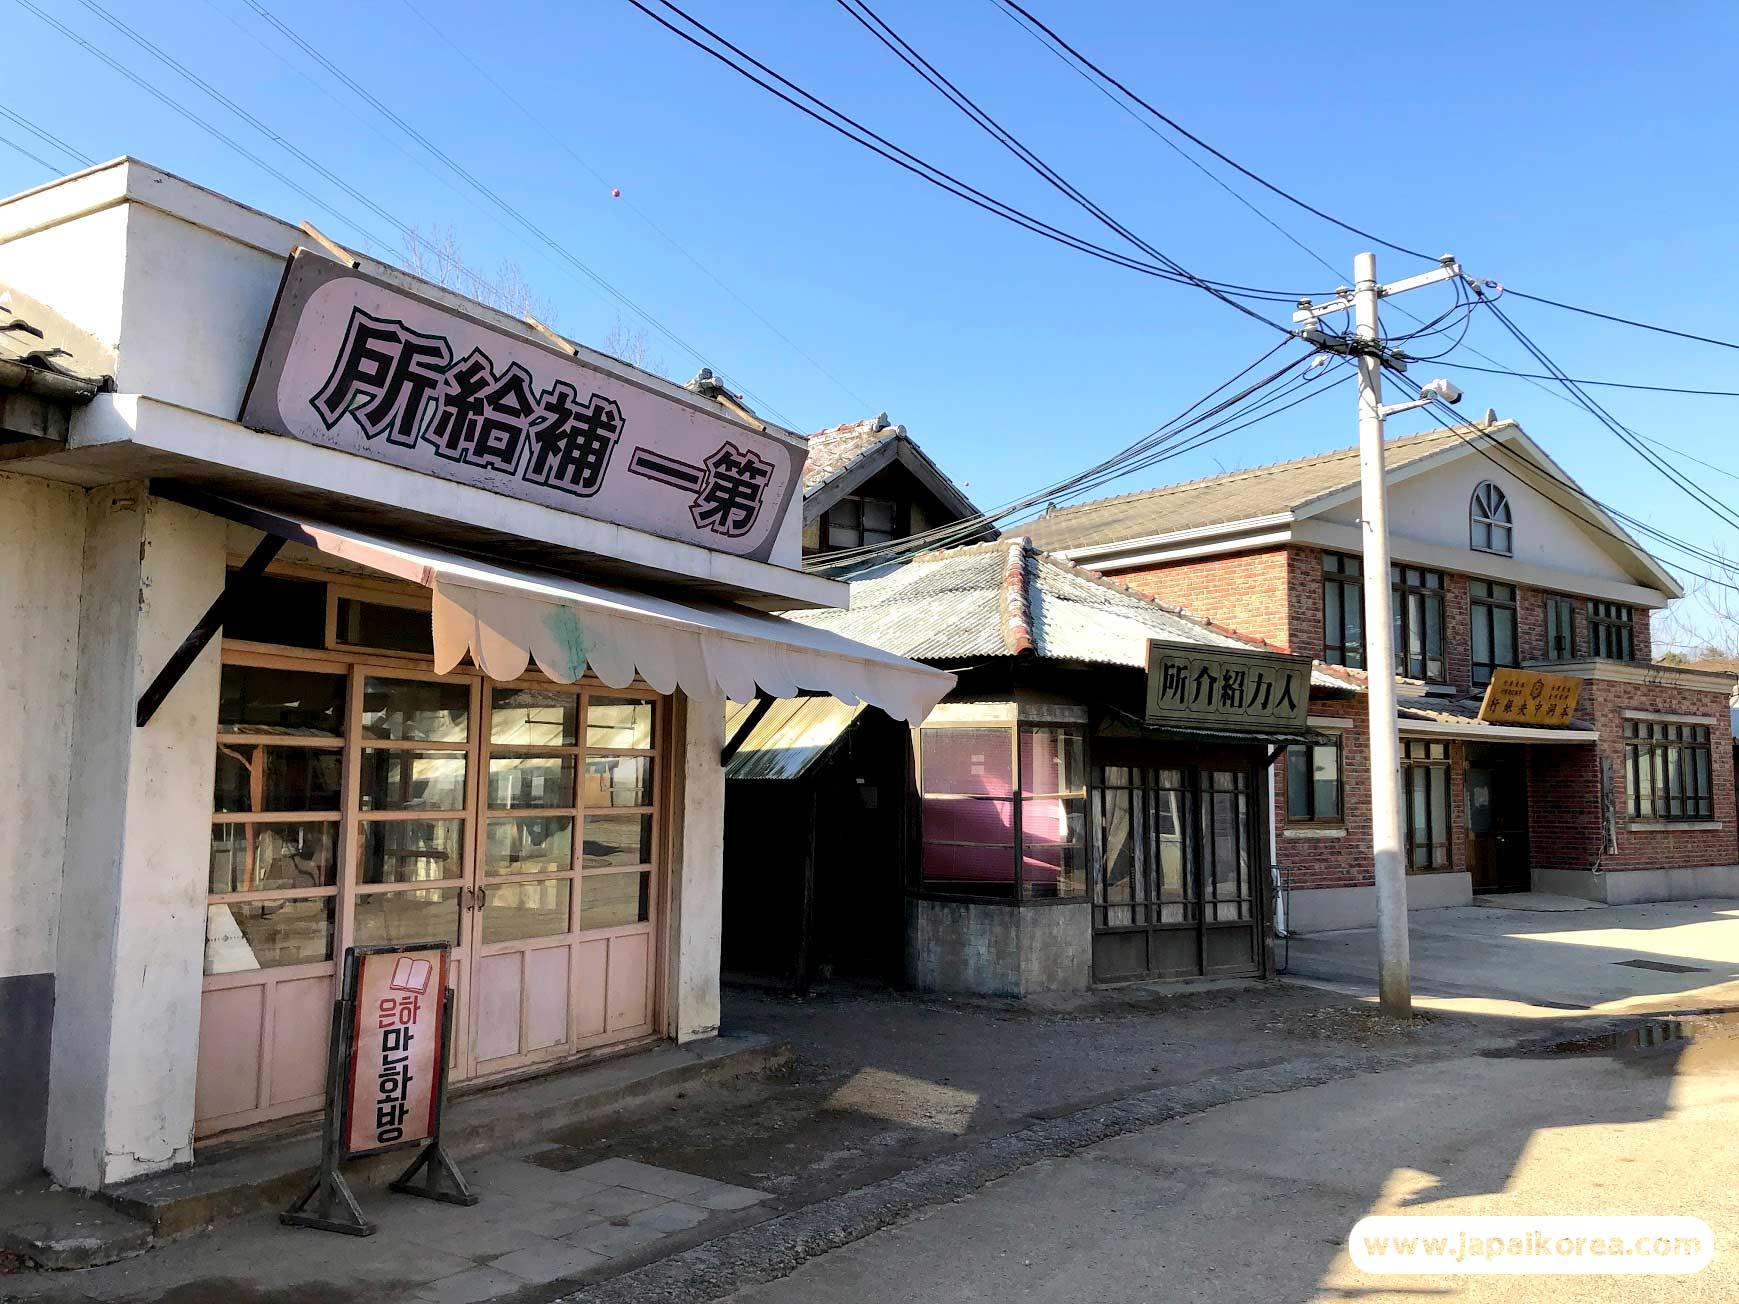 หมู่บ้านเก่า เกาหลี